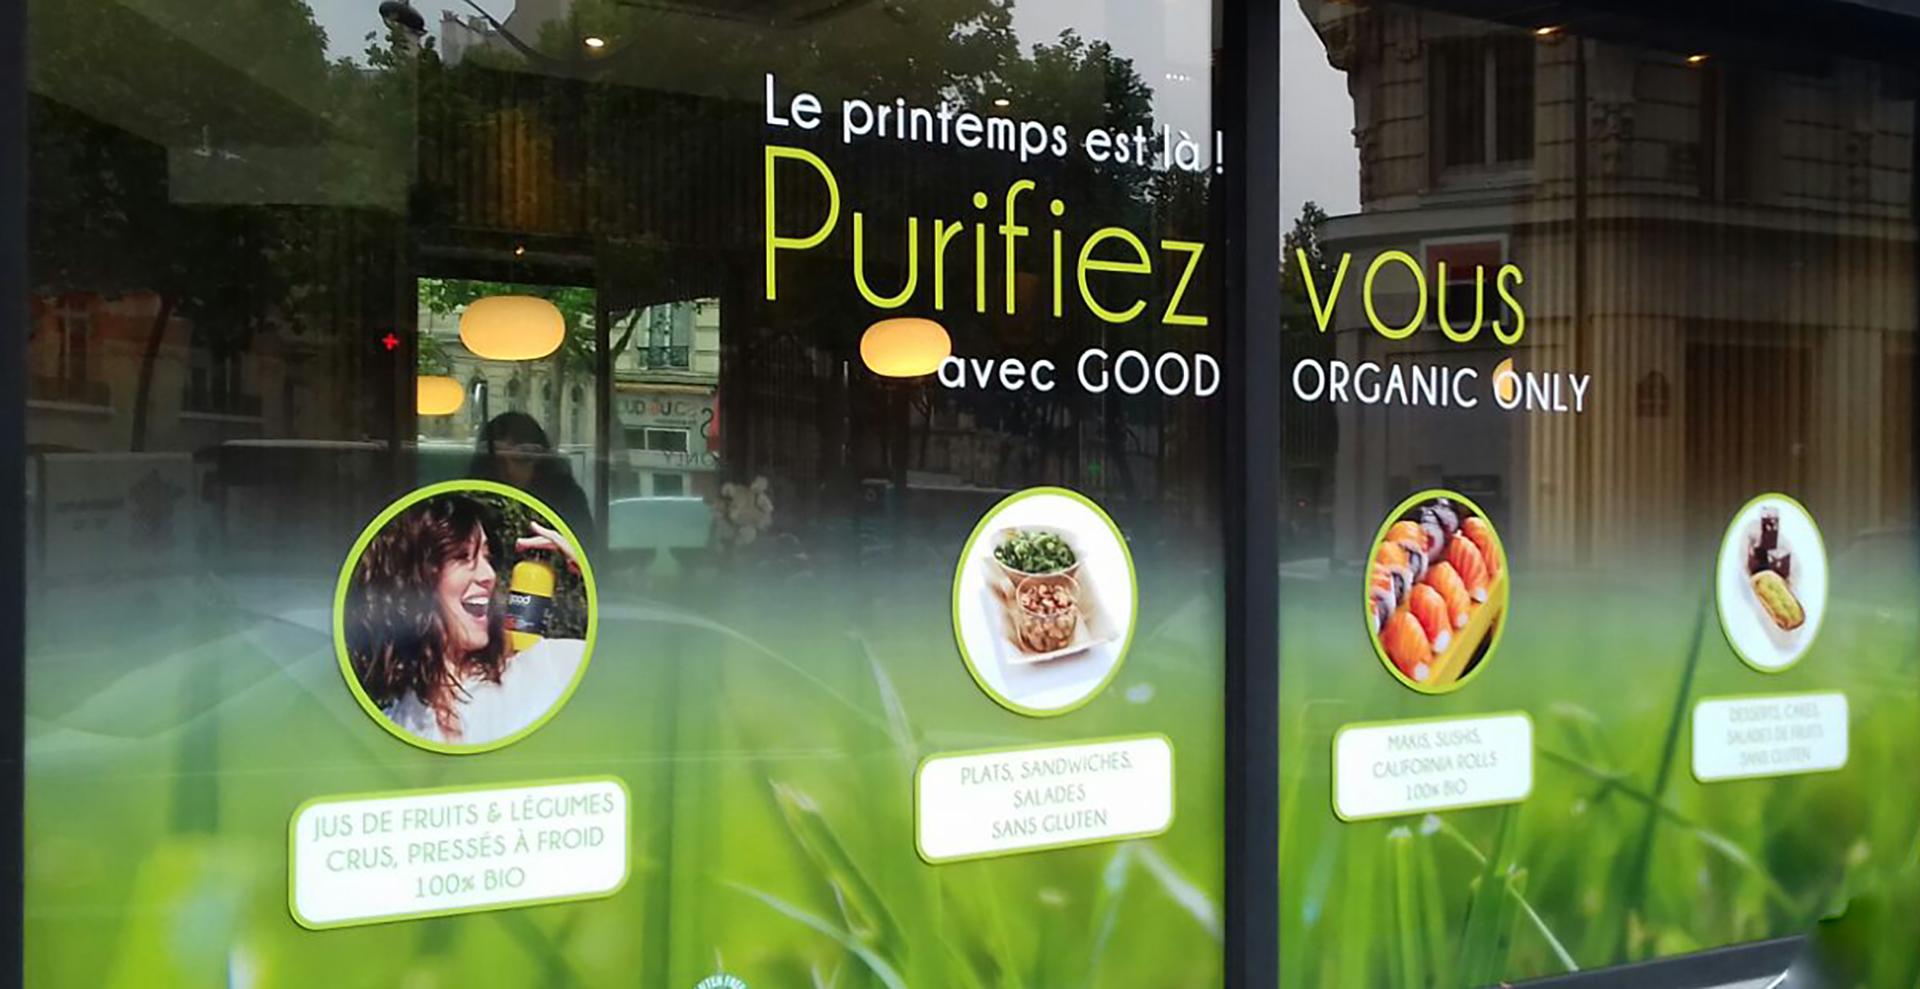 Adhesif vitrine Paris